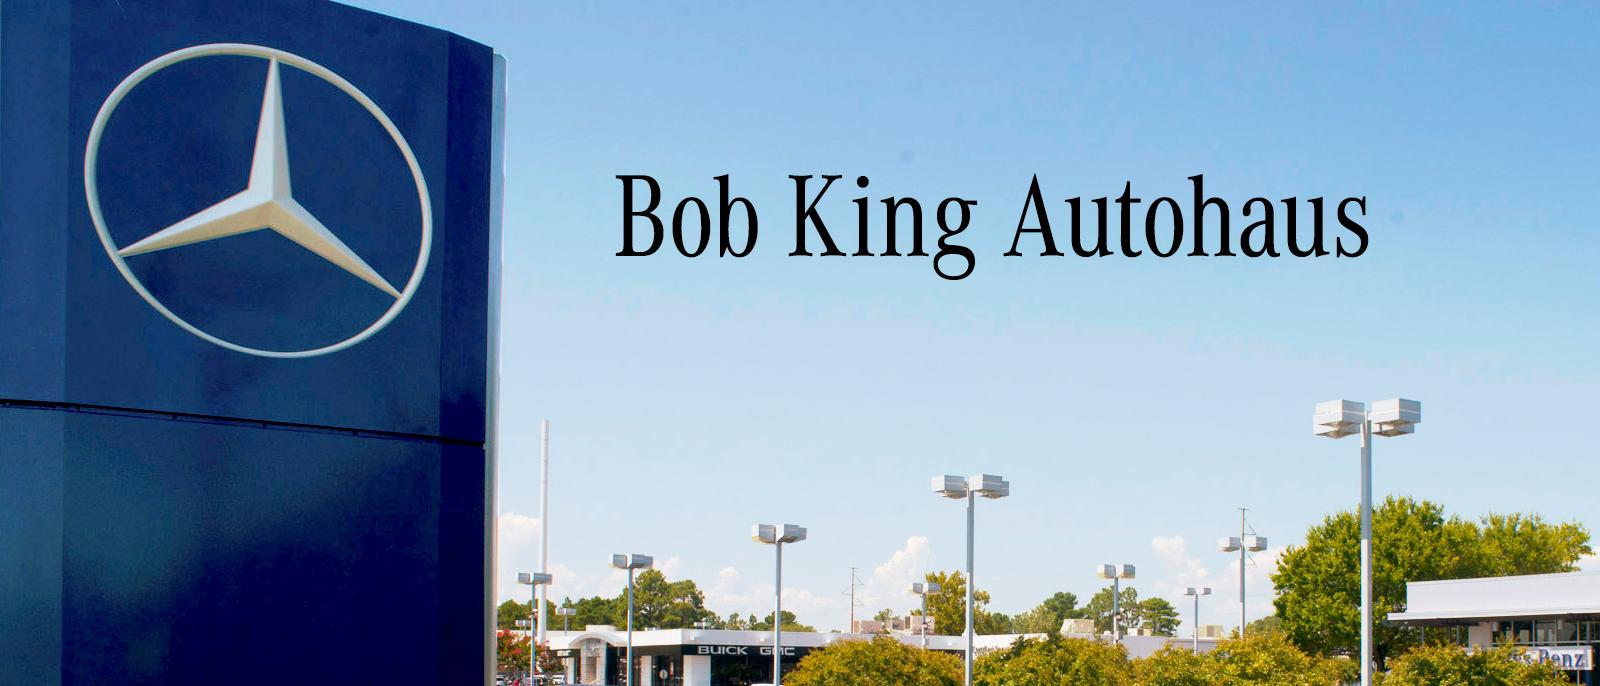 BK_MB sign.png